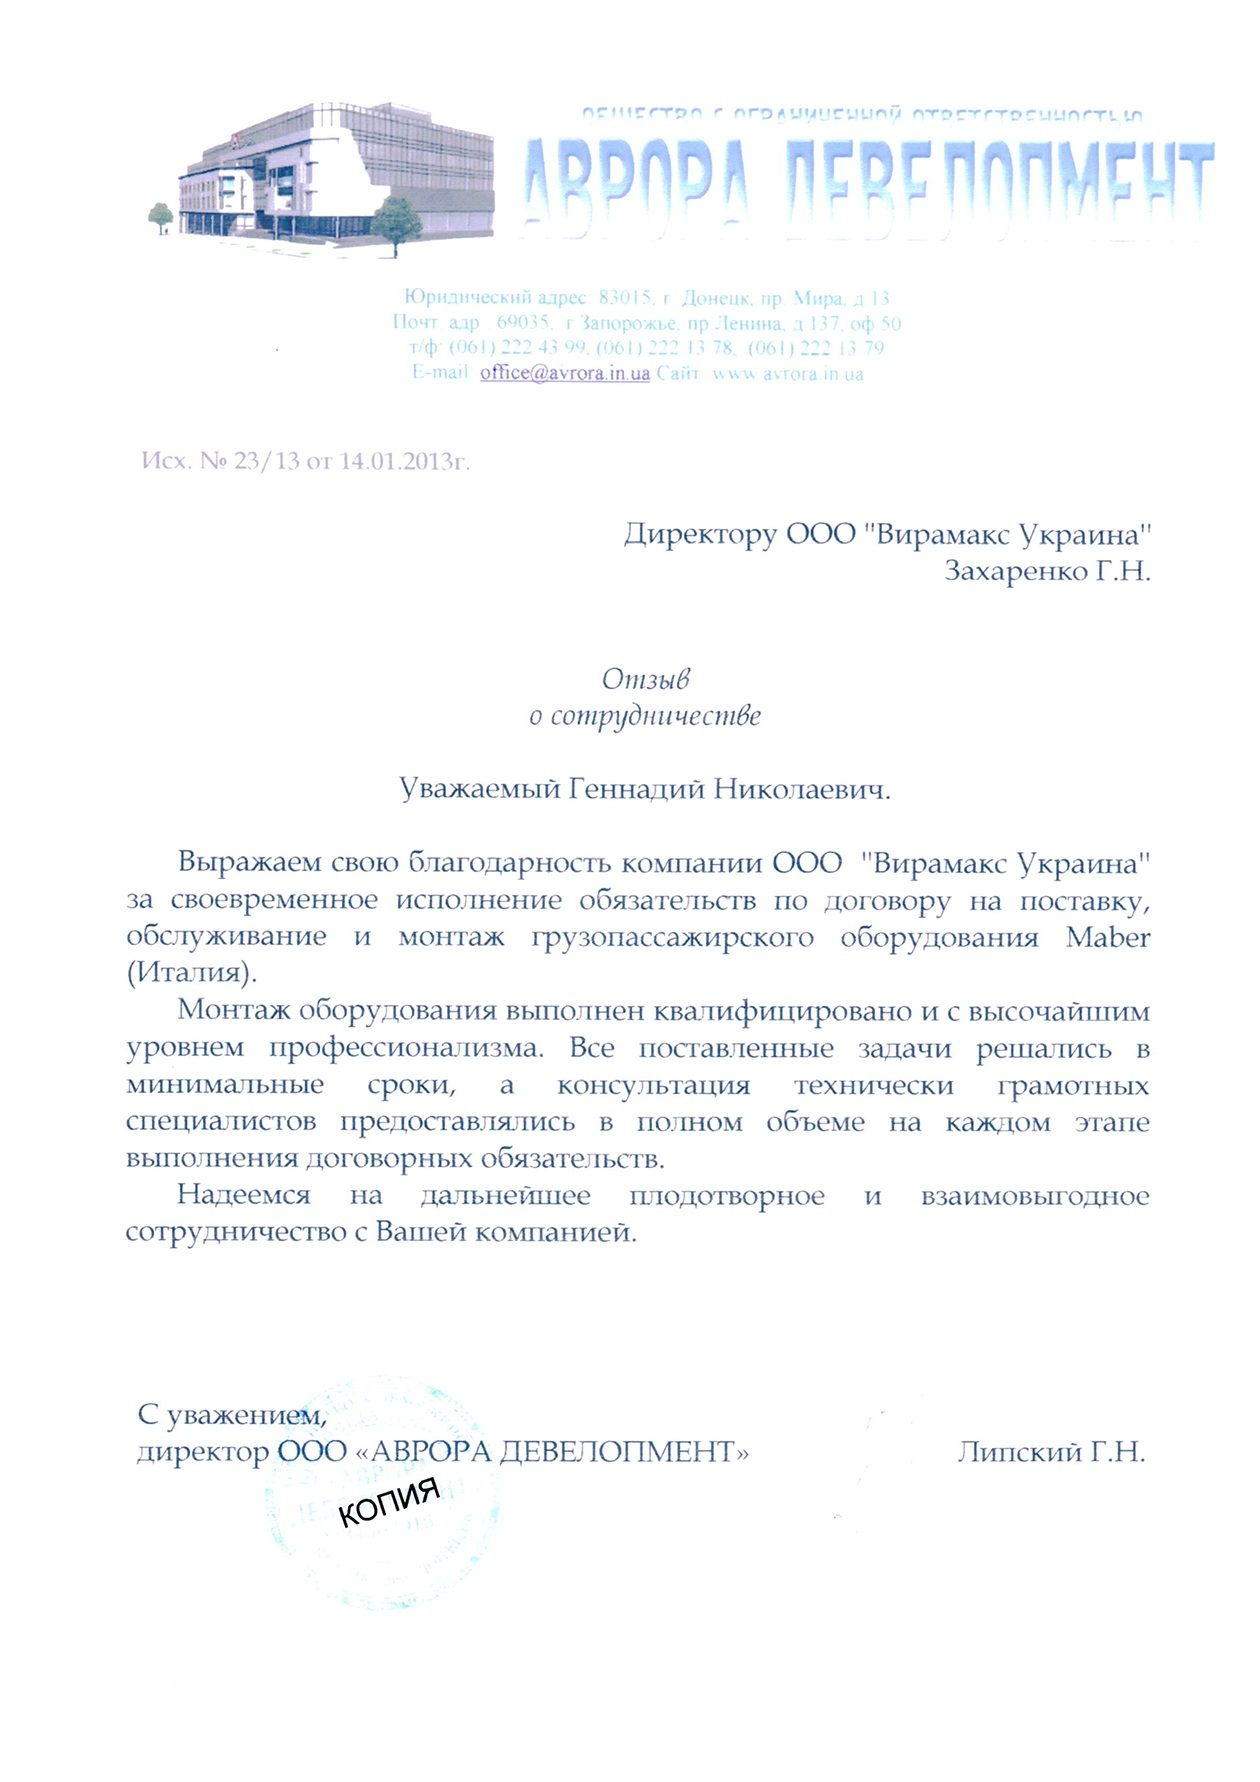 АВРОРА ДЕВЕЛОПМЕНТ